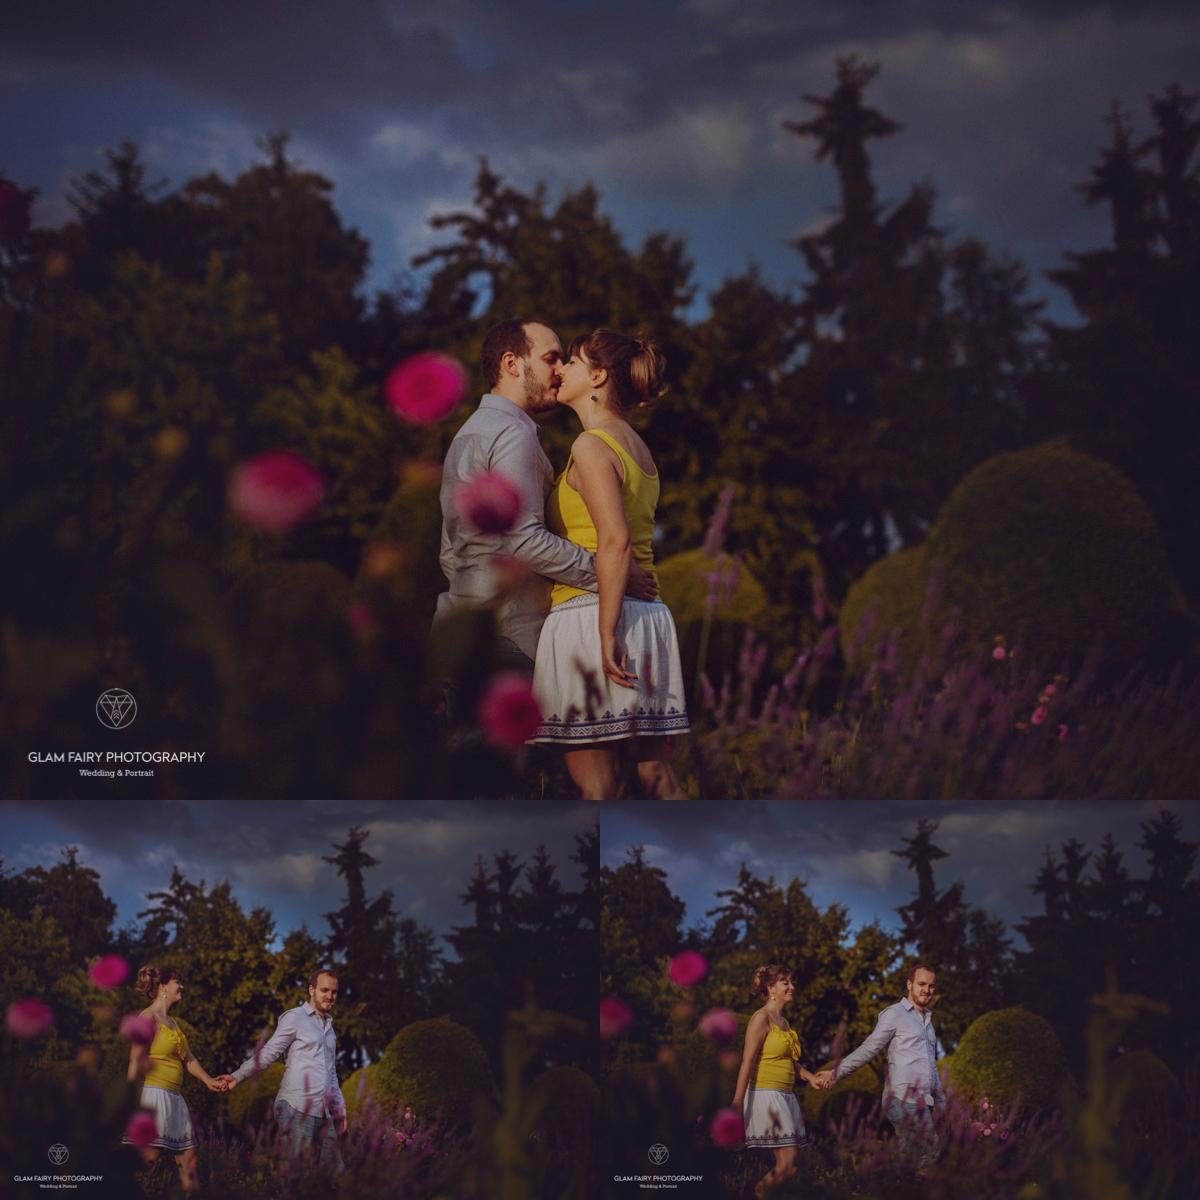 glamfairyphotography-seance-photo-couple-parc-de-sceaux-ophelie_0022